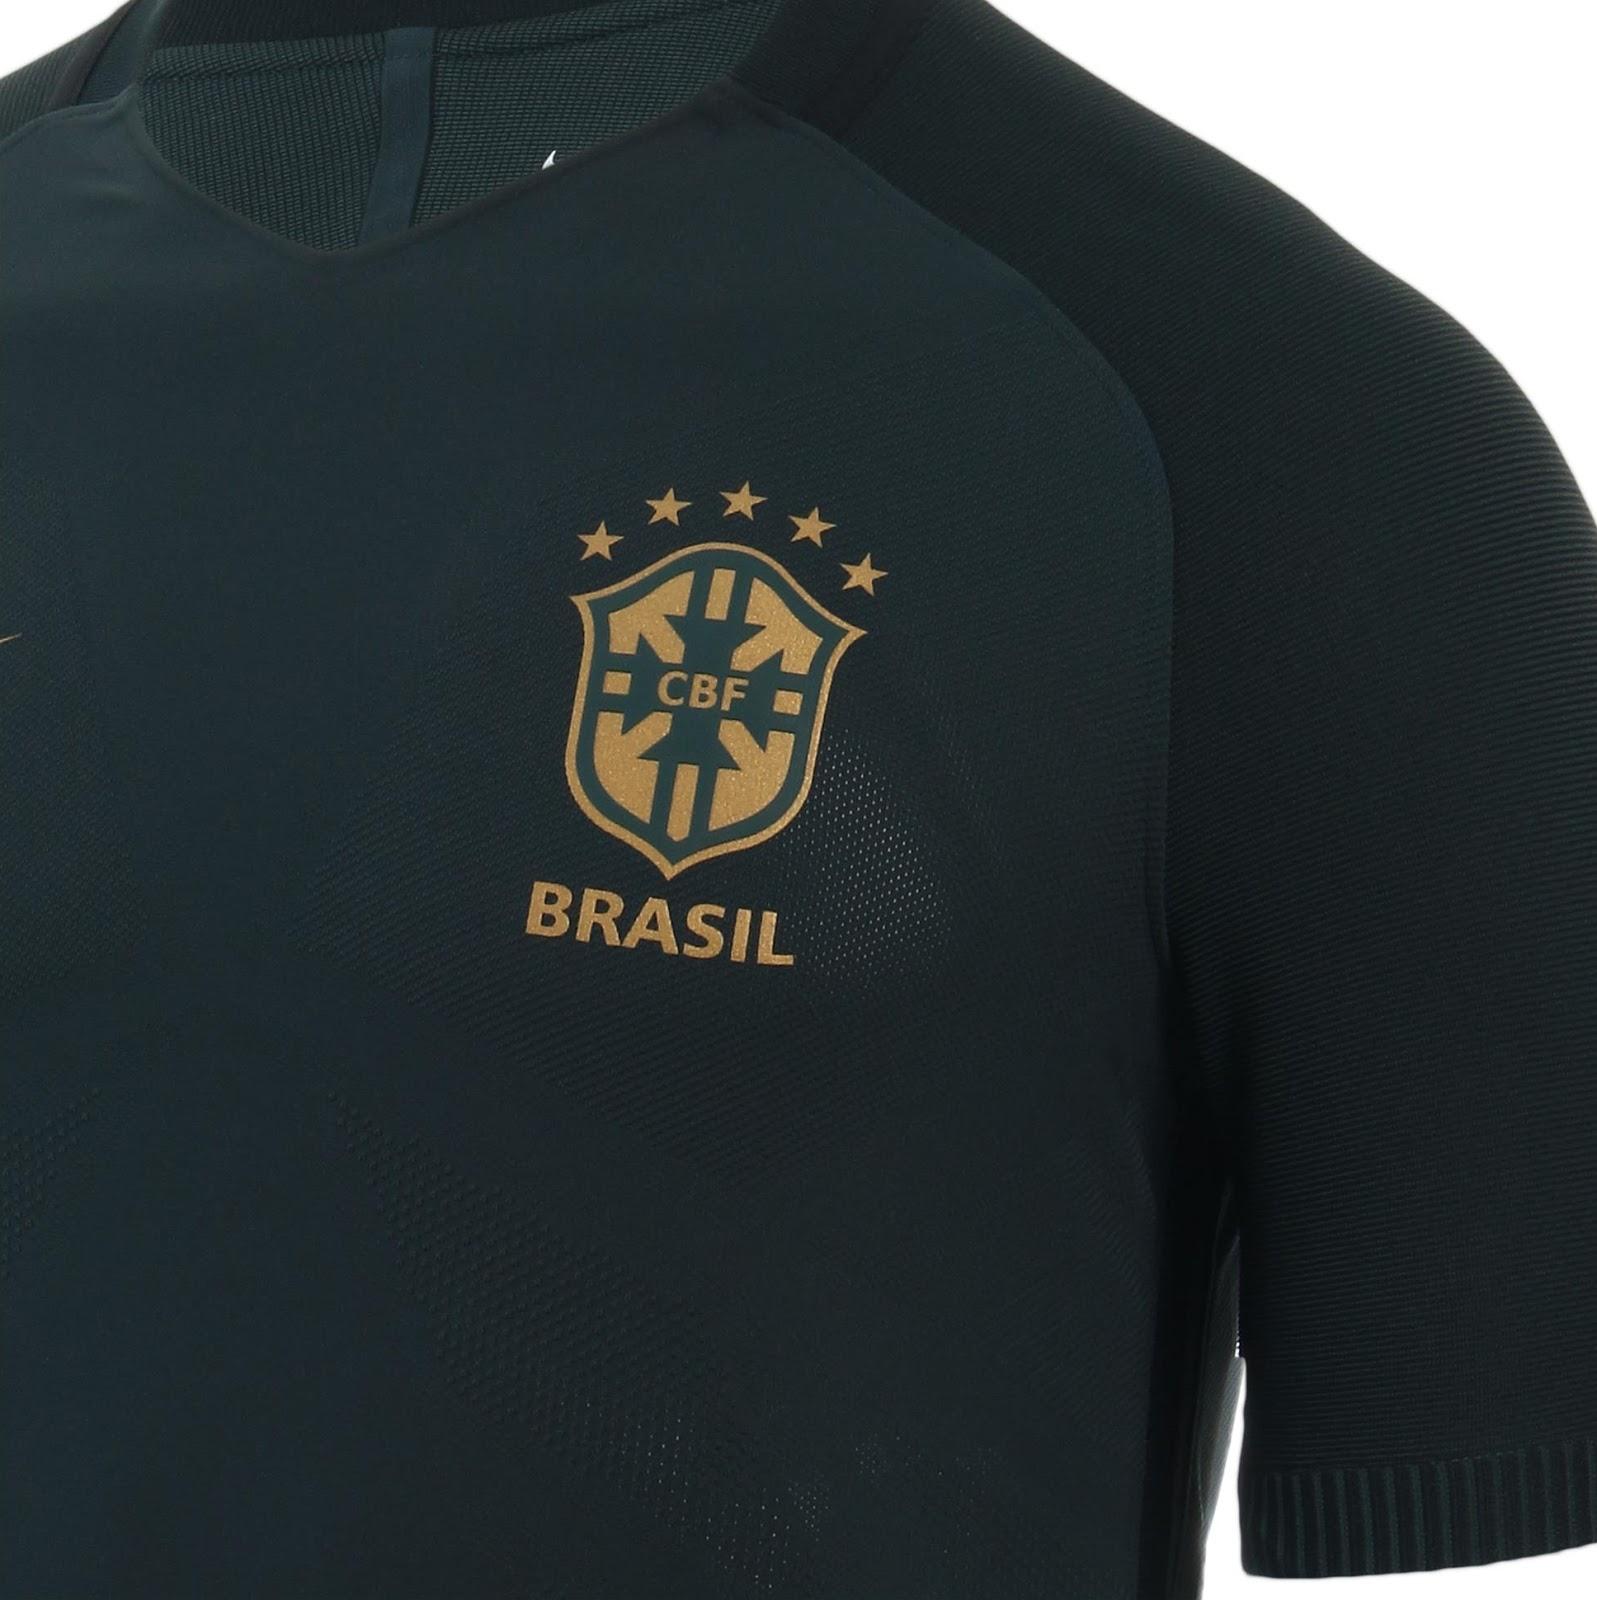 Nike lança a terceira camisa da Seleção Brasileira de futebol - Show ... a9539c39ca431